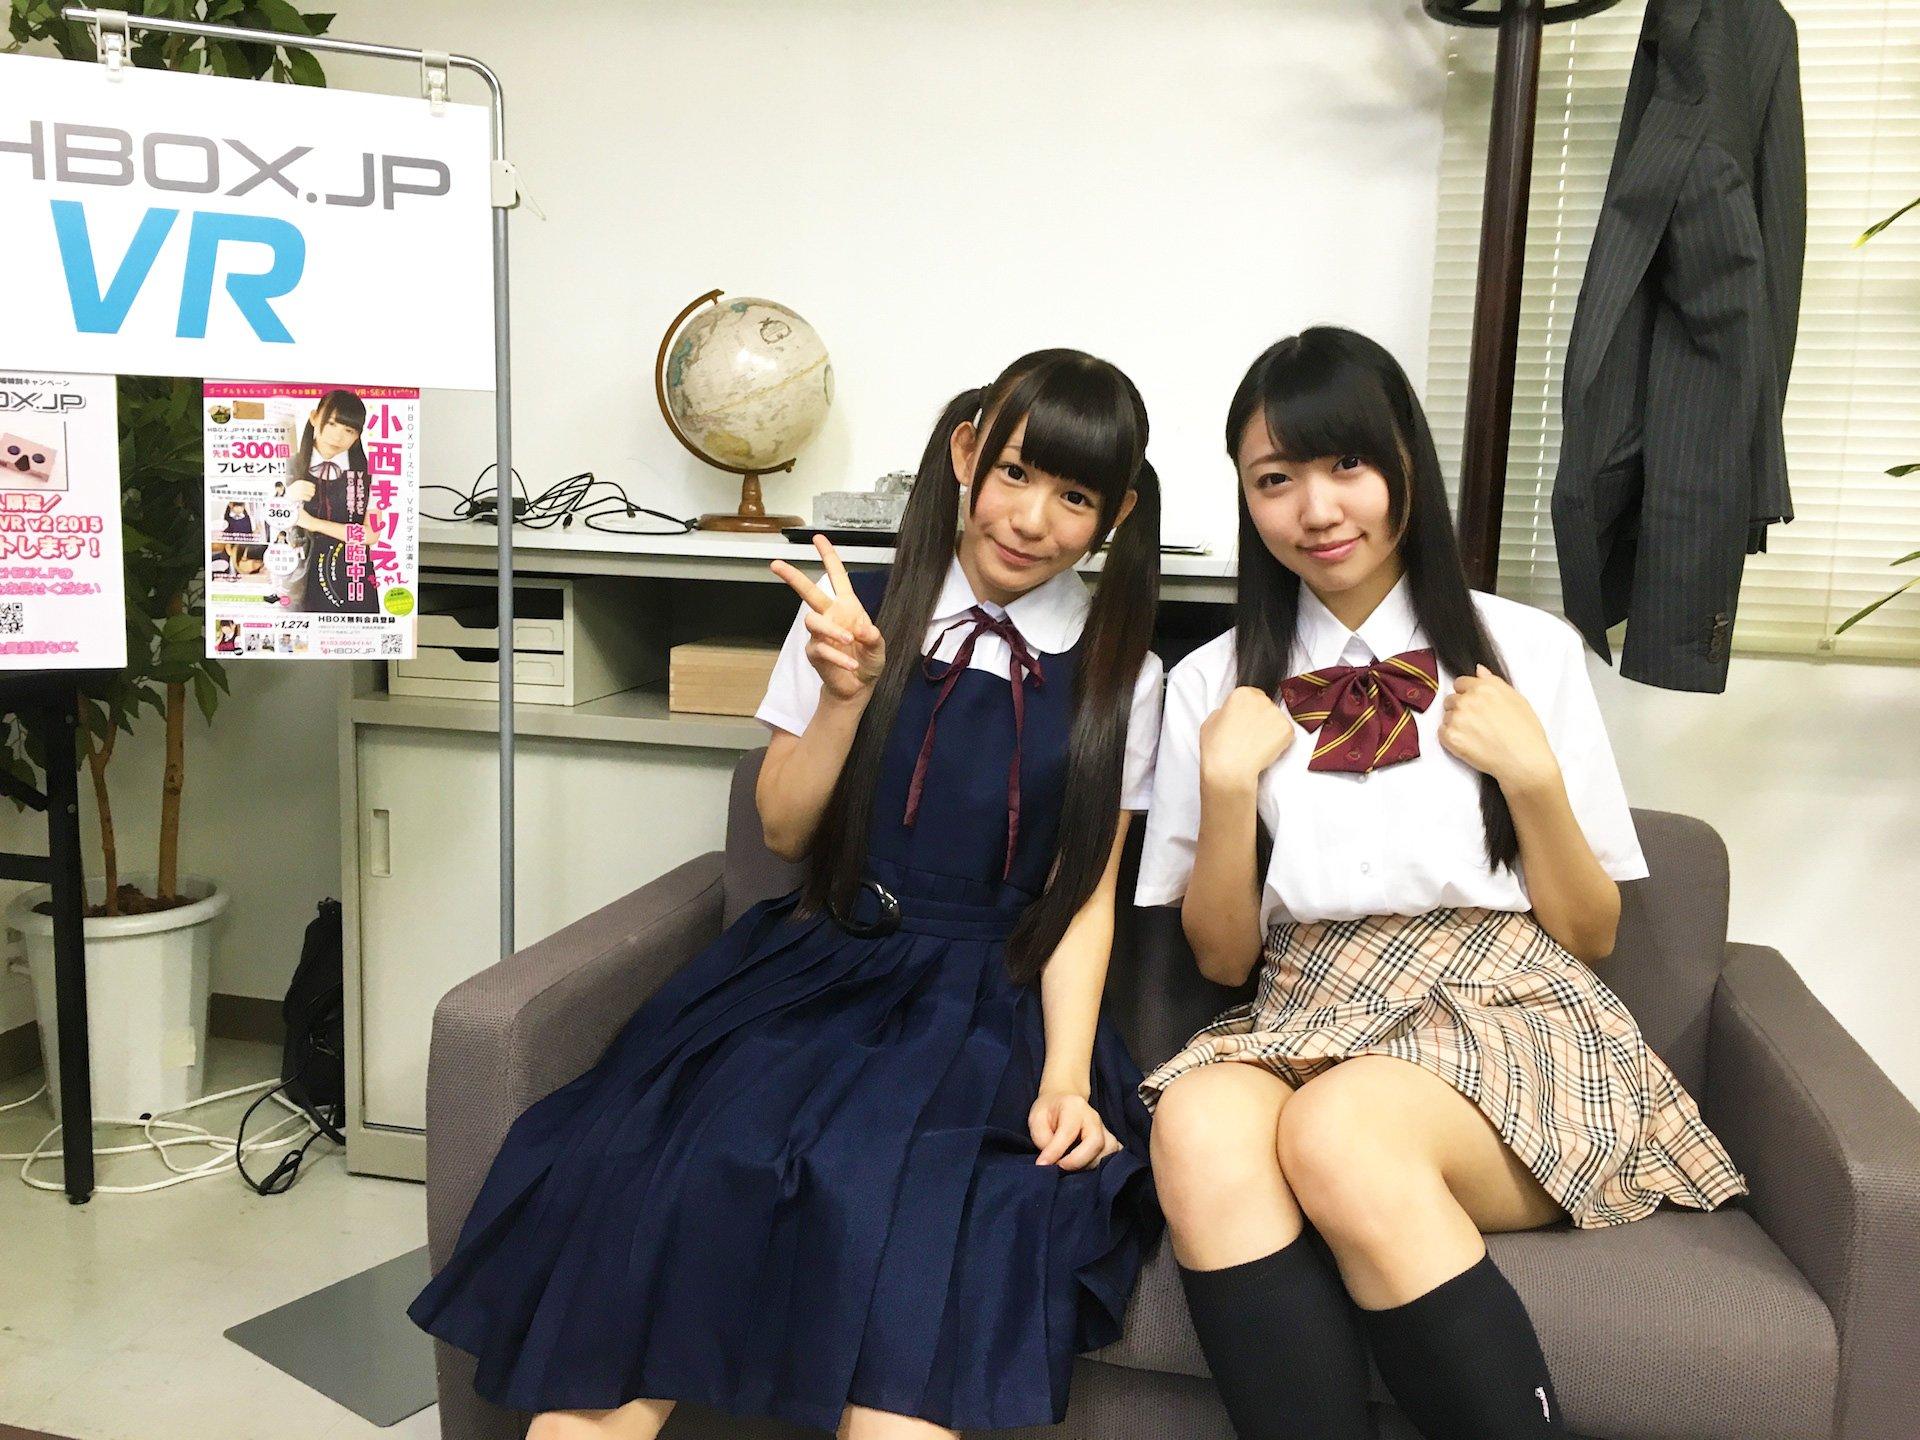 「アダルトVRエキスポ2016」株式会社アイ・ポイントブース/(左)小西まりえさん、(右)舞園ひなさん